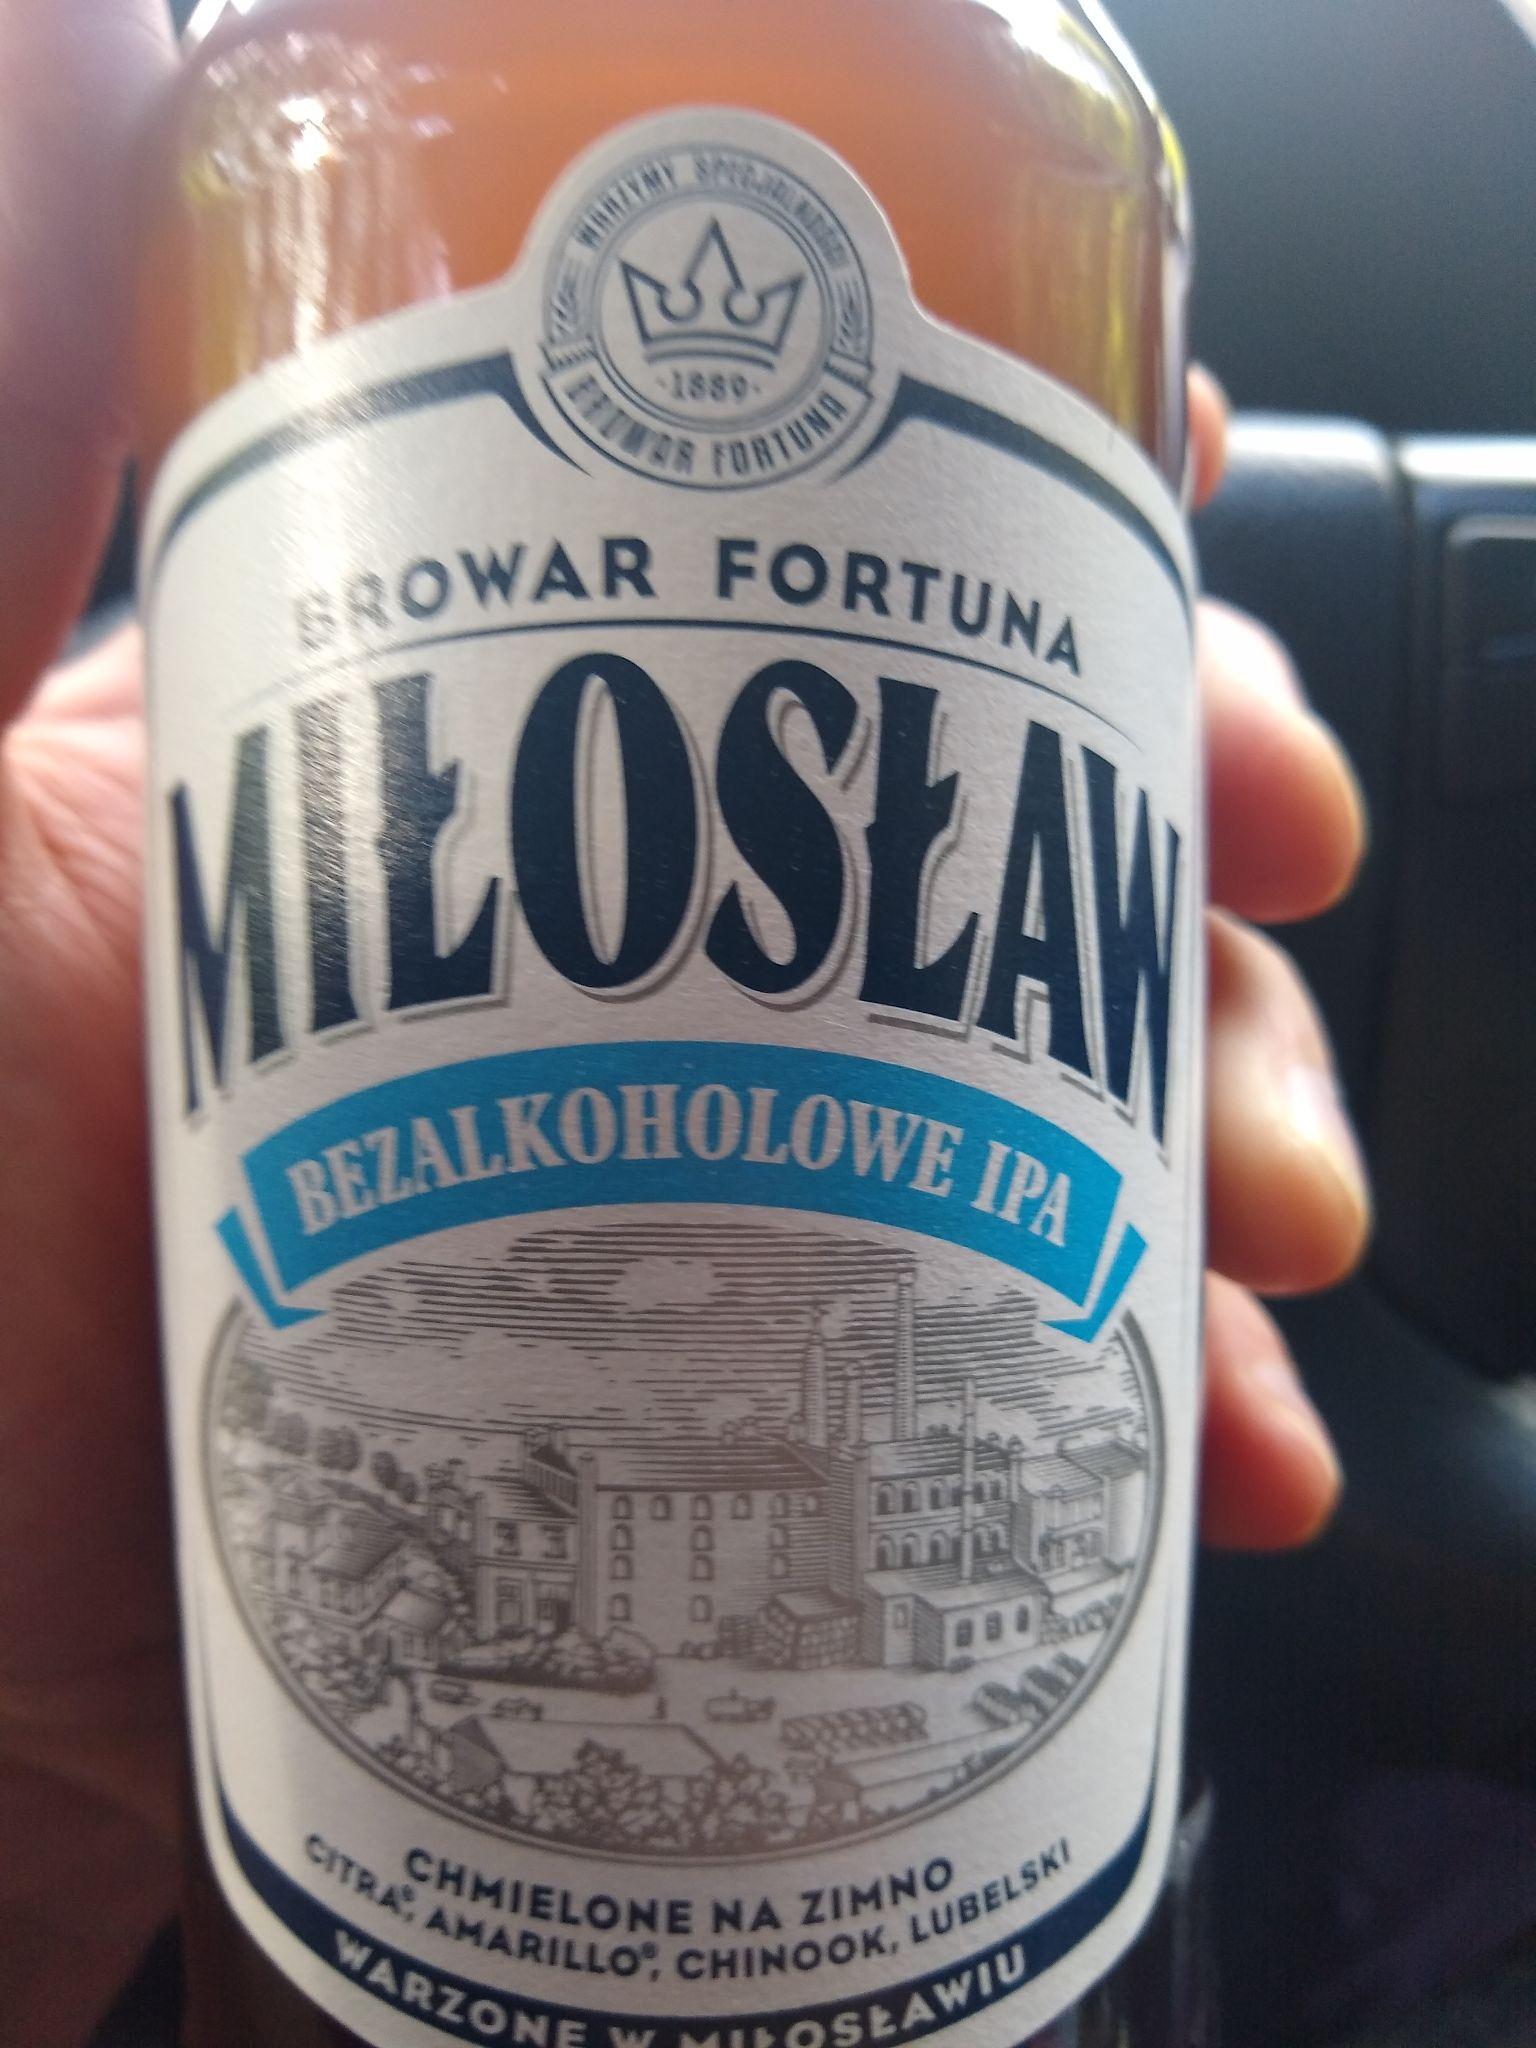 Piwo Miłosław Bezalkoholowe IPA  i inne Biedronka